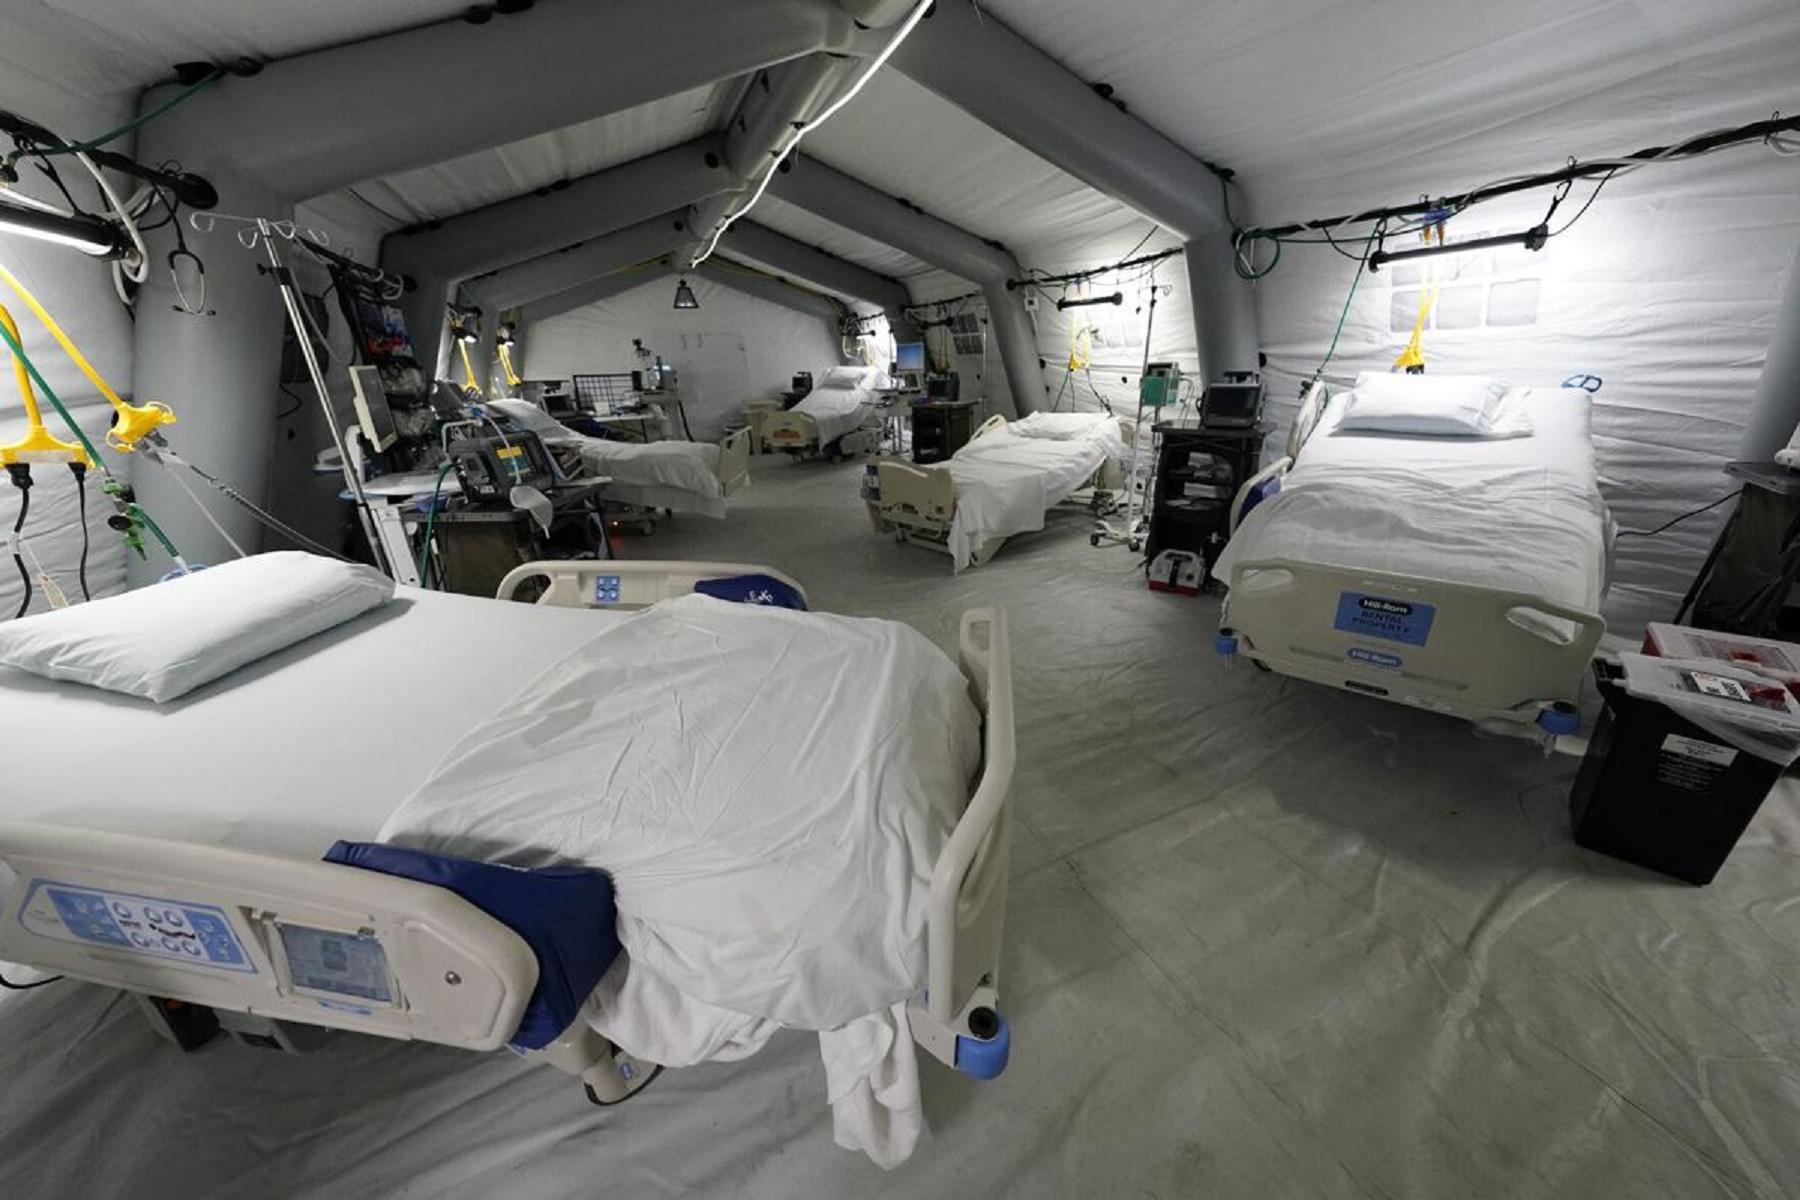 ΗΠΑ Μισισιπή: Κλιματιζόμενες σκηνές με κρεβάτια, οθόνες και οξυγόνο γεμίζουν τον κάτω όροφο του γκαράζ.